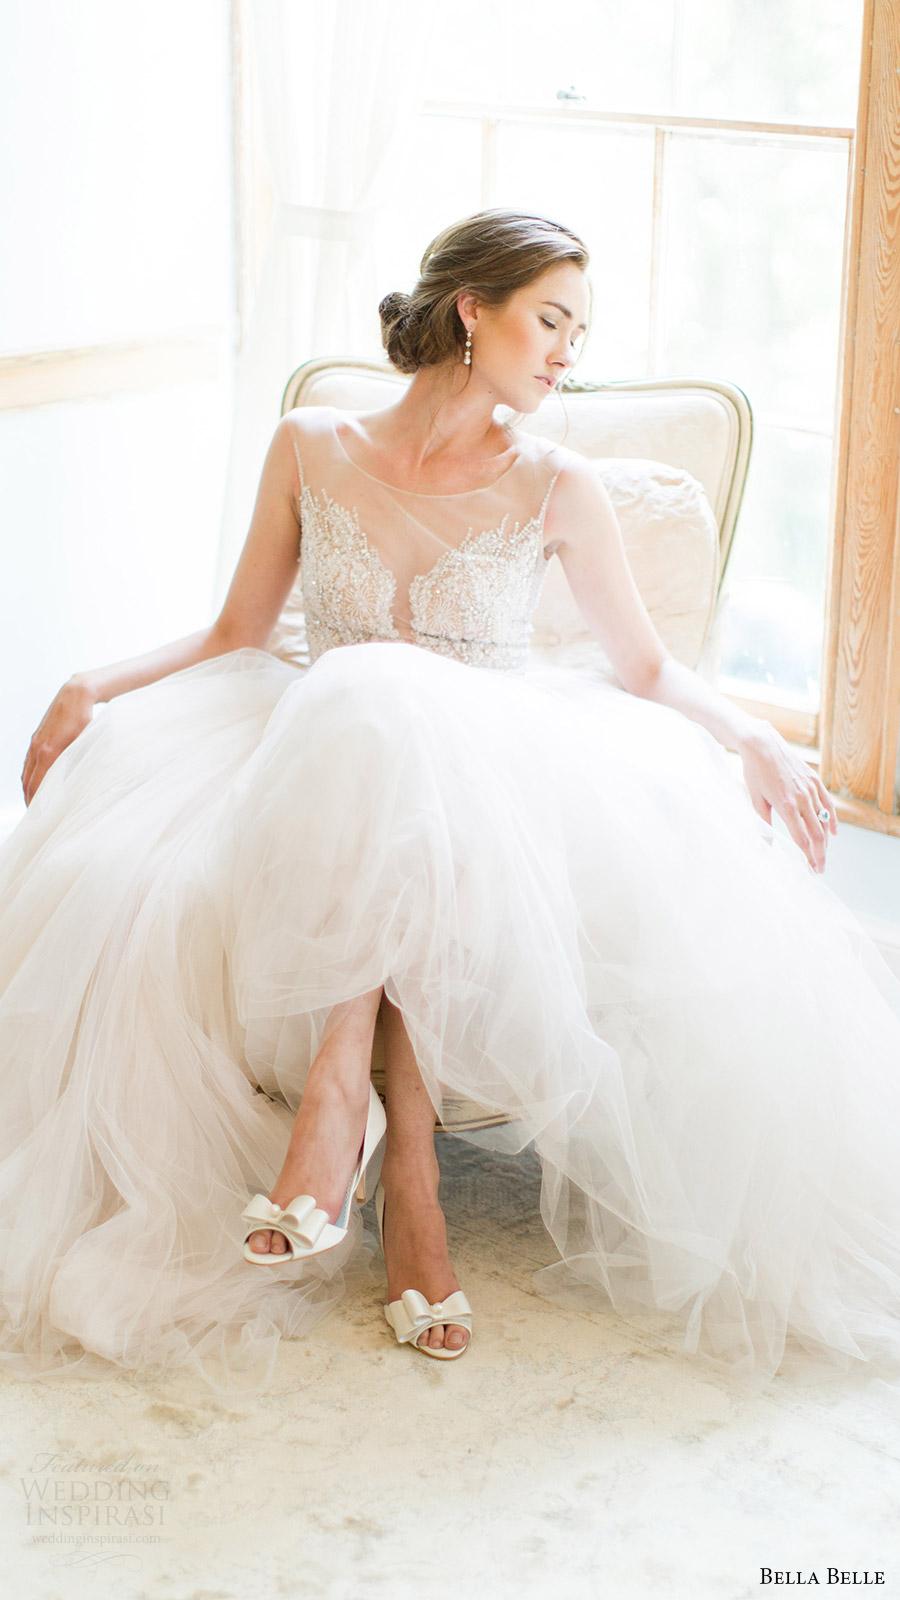 bella belle zapatos de novia 2016 zapatos Julia D Orsay peep toe de la boda zapatos de tacón de 3,5 pulgadas watters Wtoo vestido